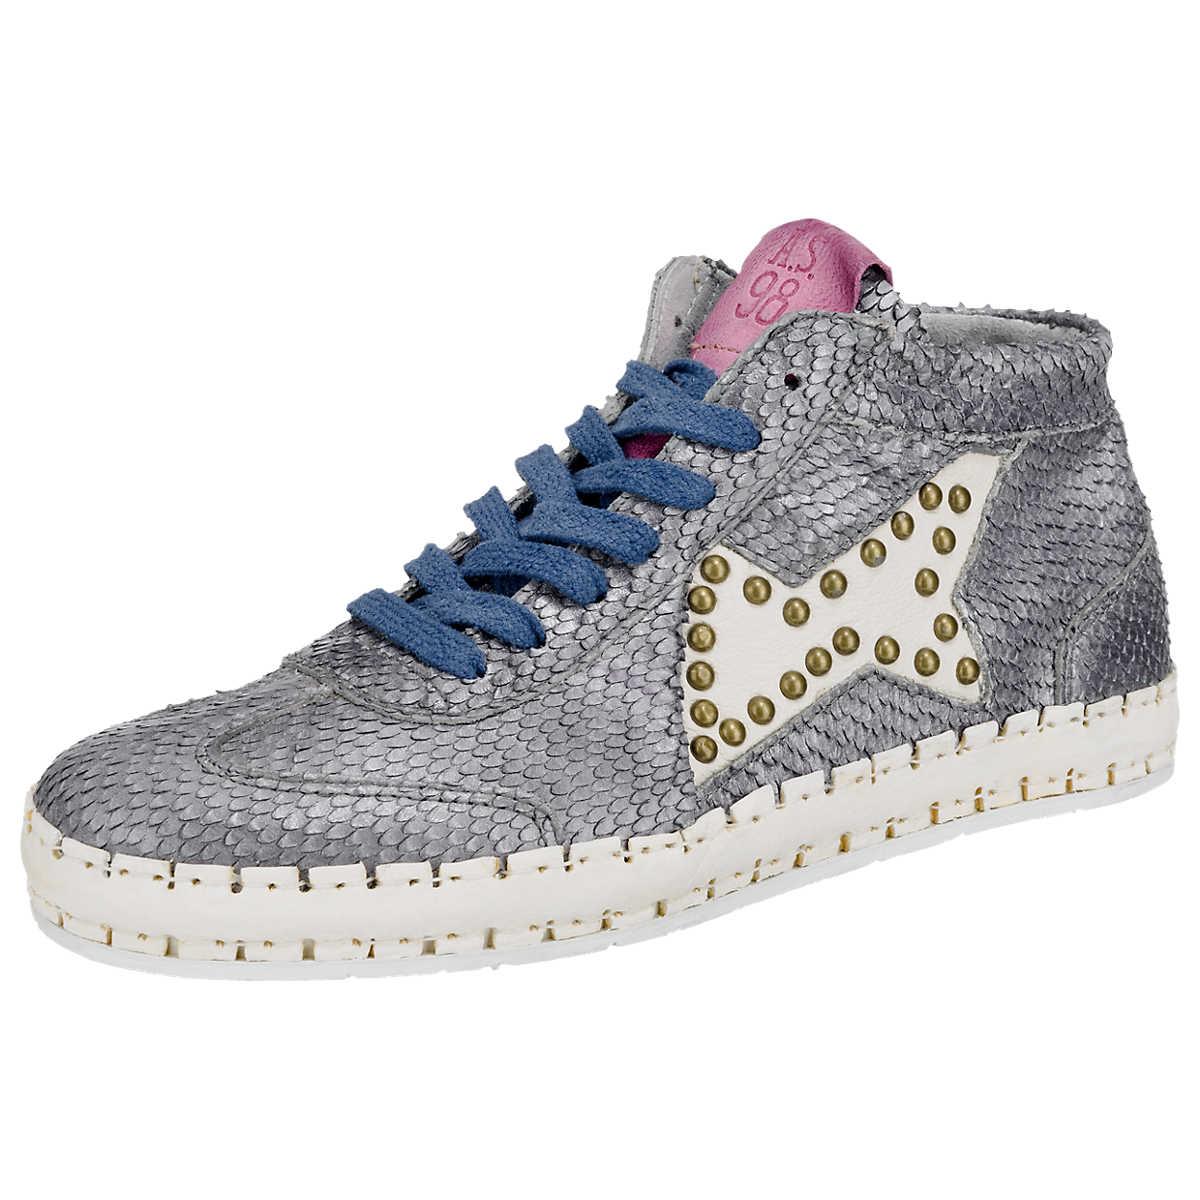 A.S.98 Blink Sneakers dunkelblau - A.S.98 - Sneakers - Schuhe - mirapodo.de